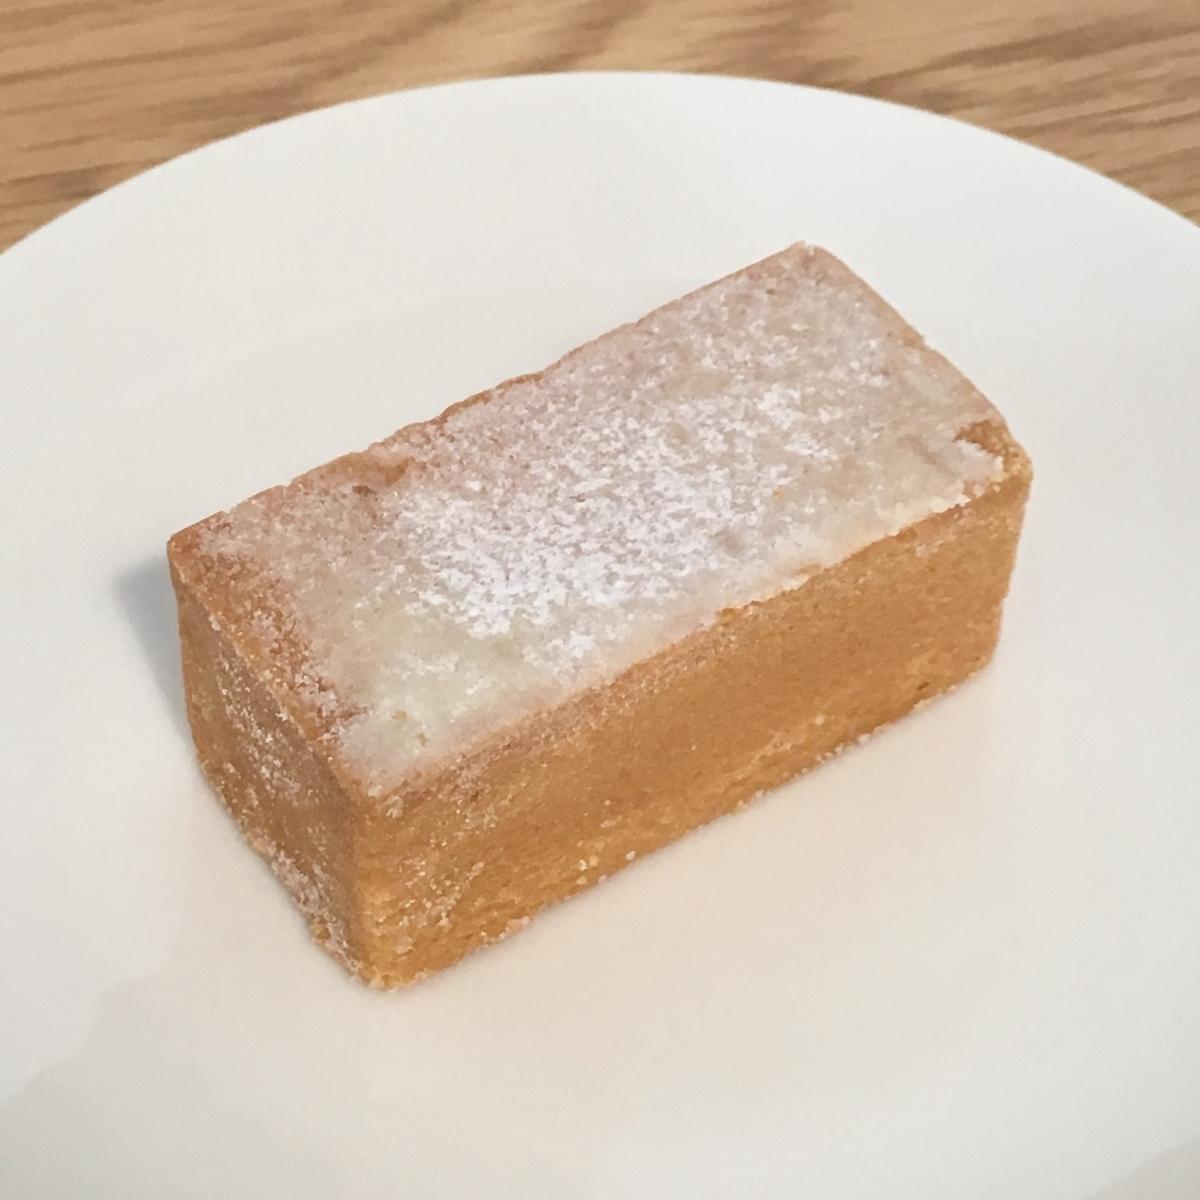 SunnyHillsのりんごケーキの中身の写真